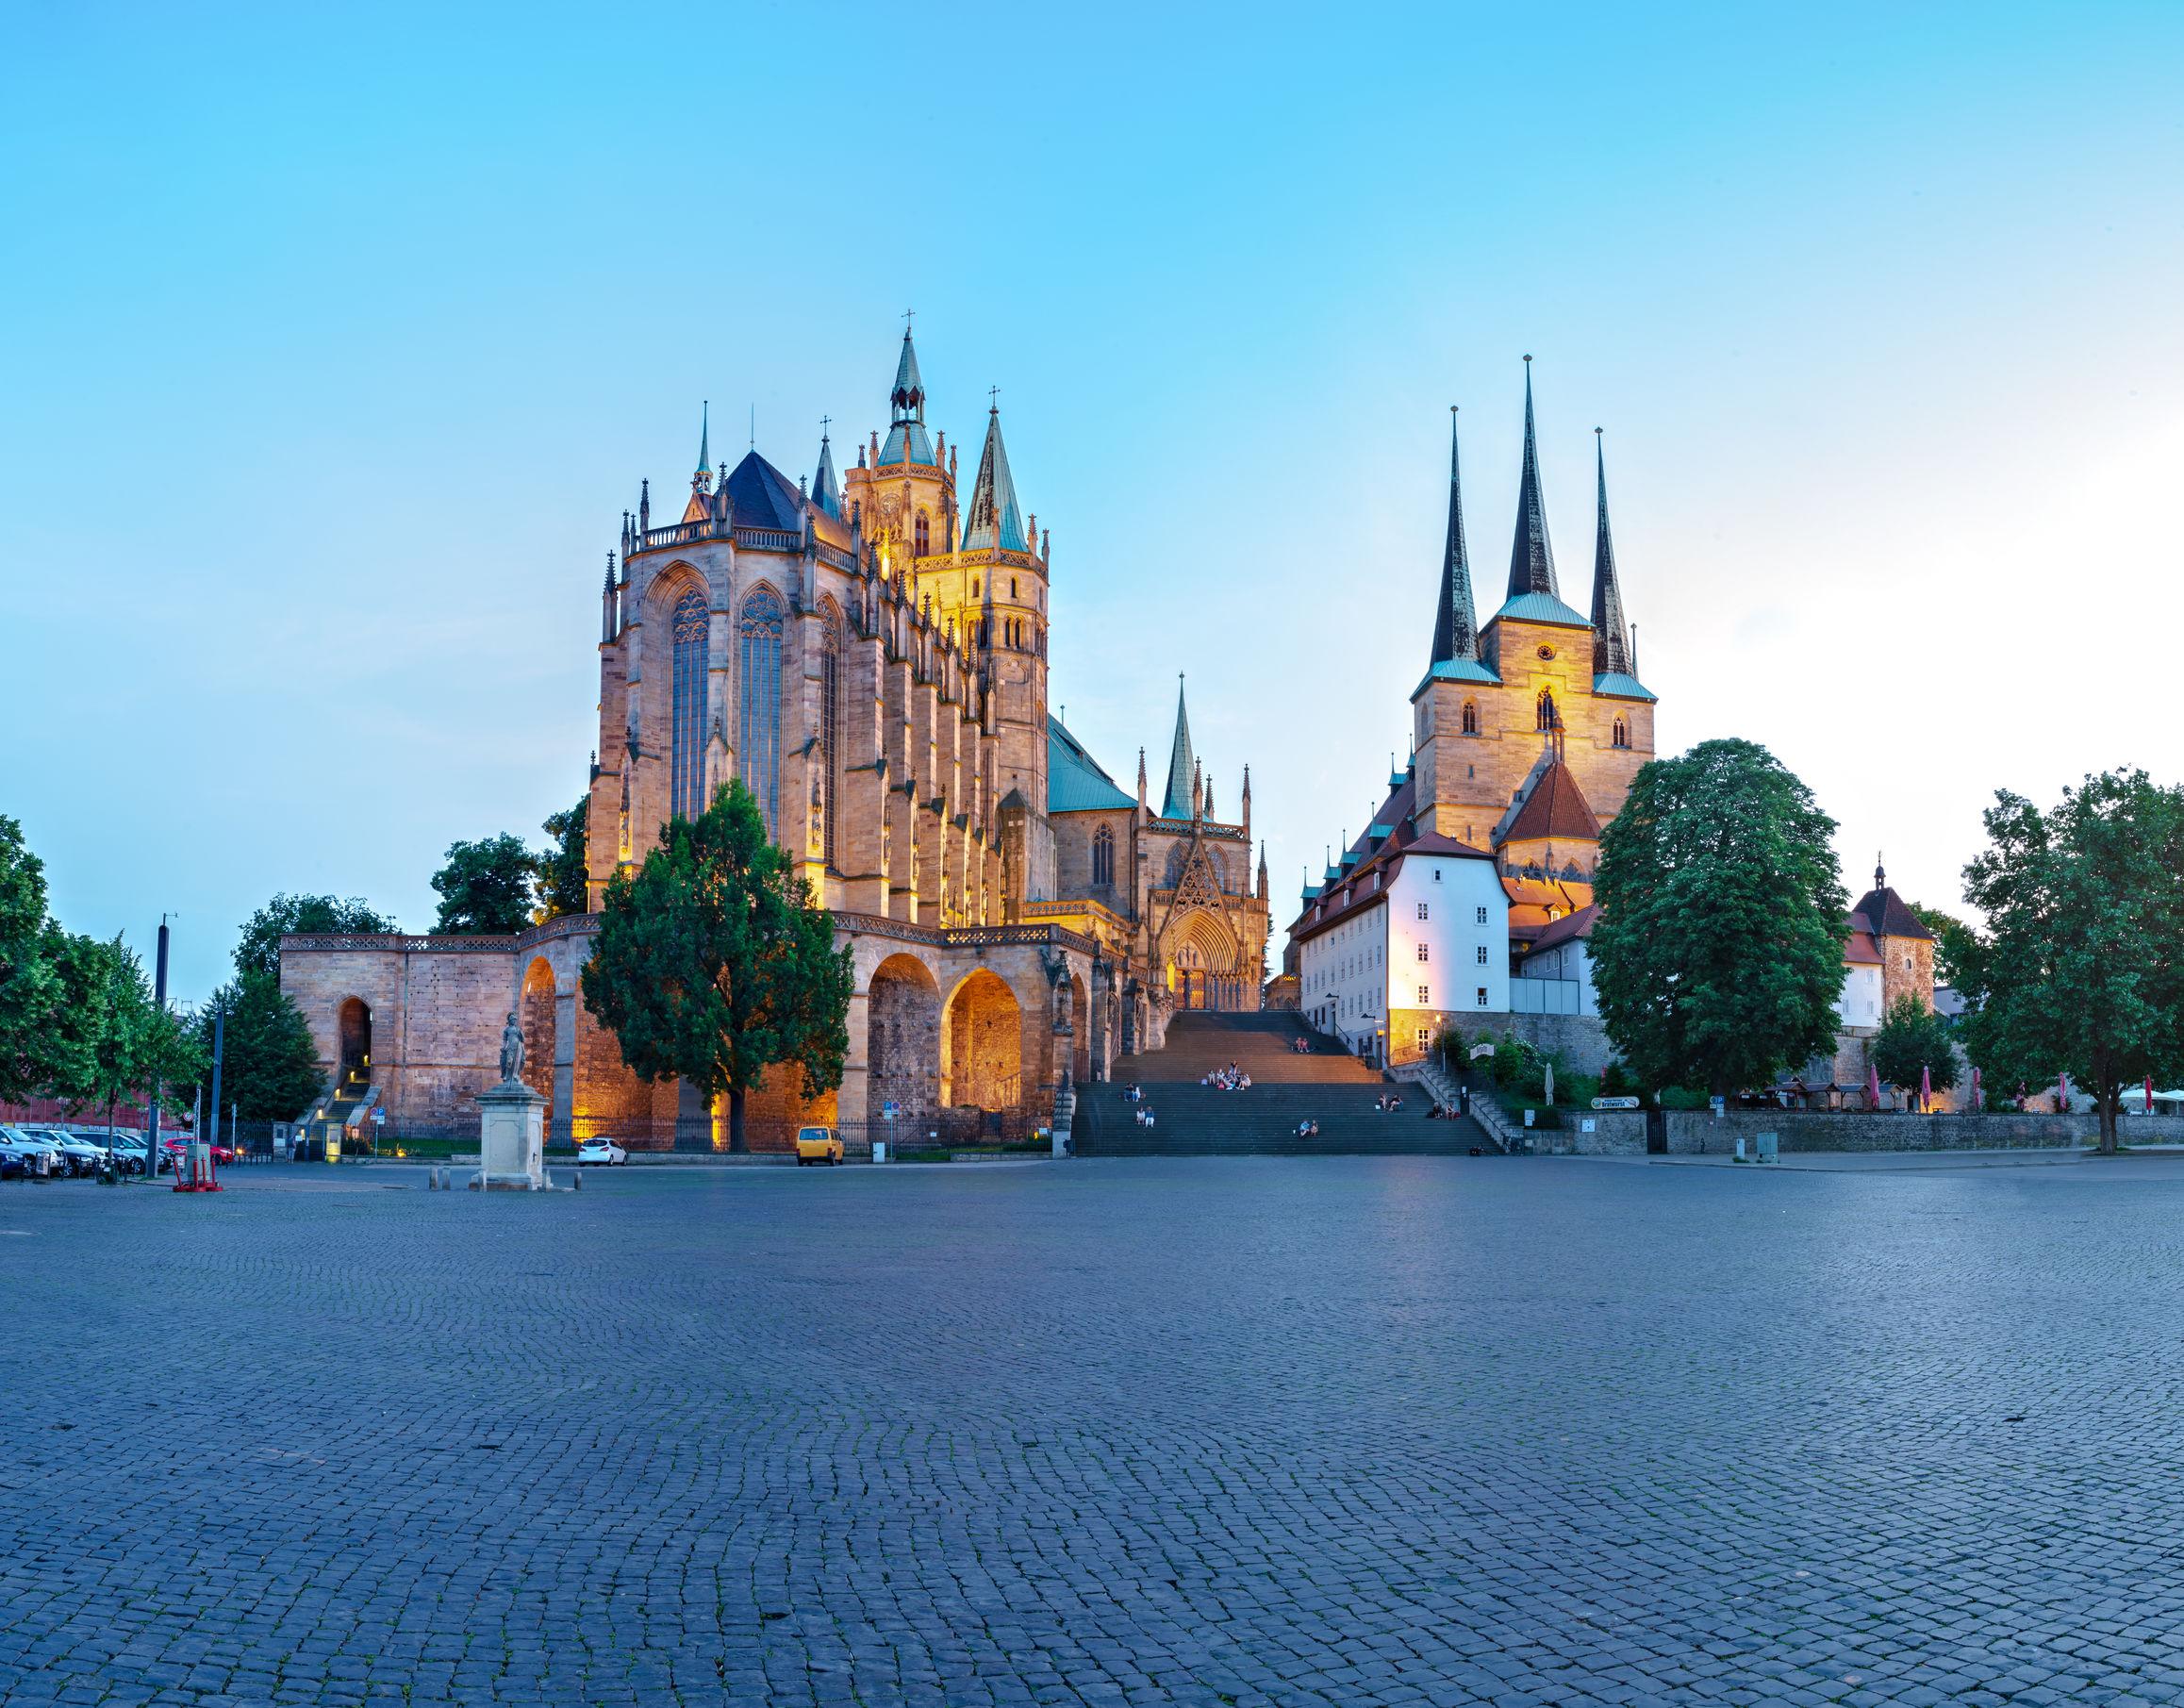 Städtereise Erfurt: Empfehlungen und Vergleich (05/21)